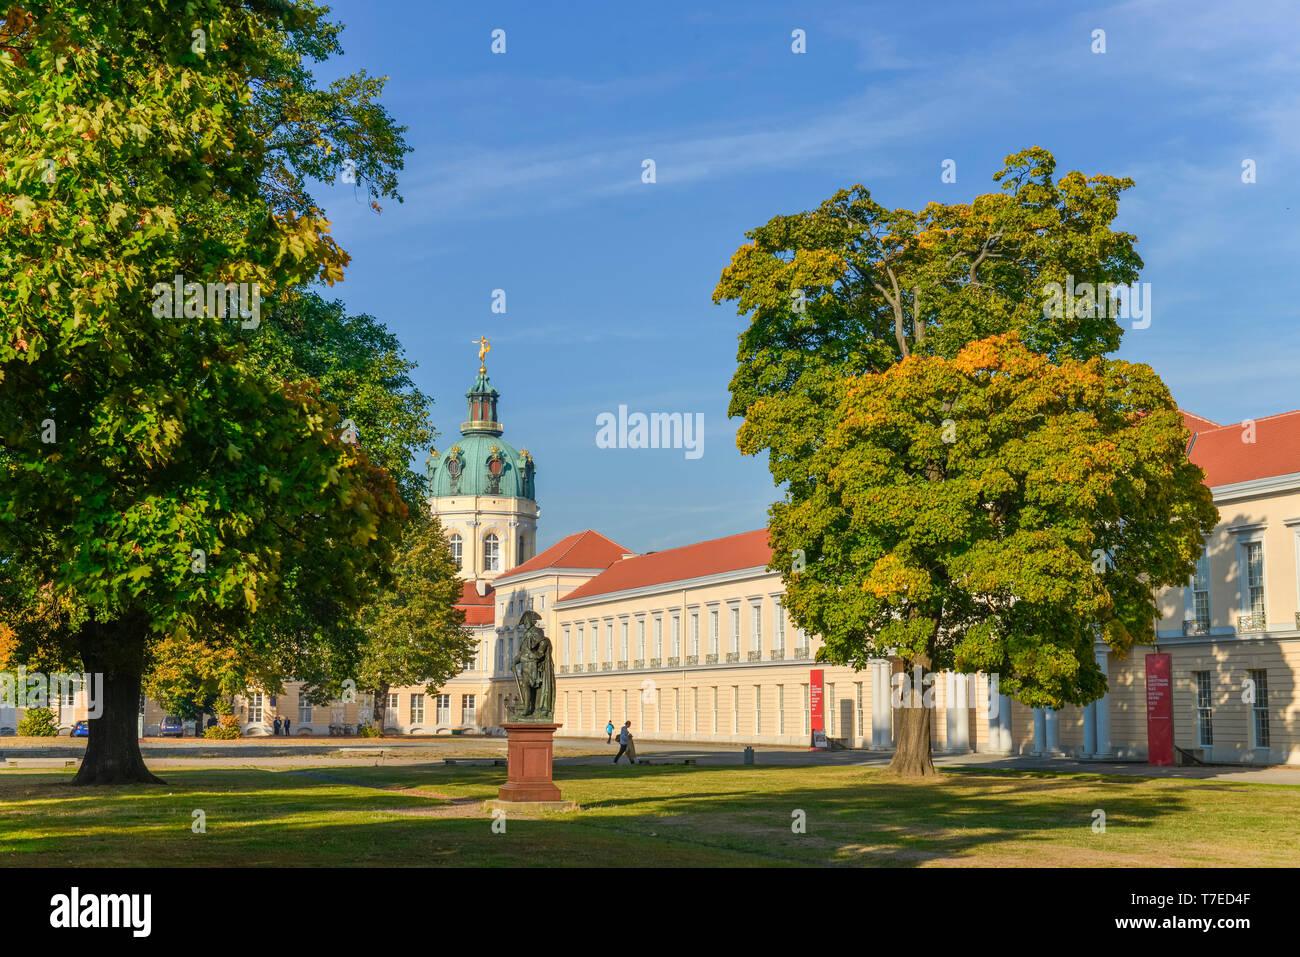 Standbild Friedrich der Grosse, Neuer Fluegel, Schloss Charlottenburg, Spandauer Damm, Charlottenburg, Berlin, Deutschland - Stock Image